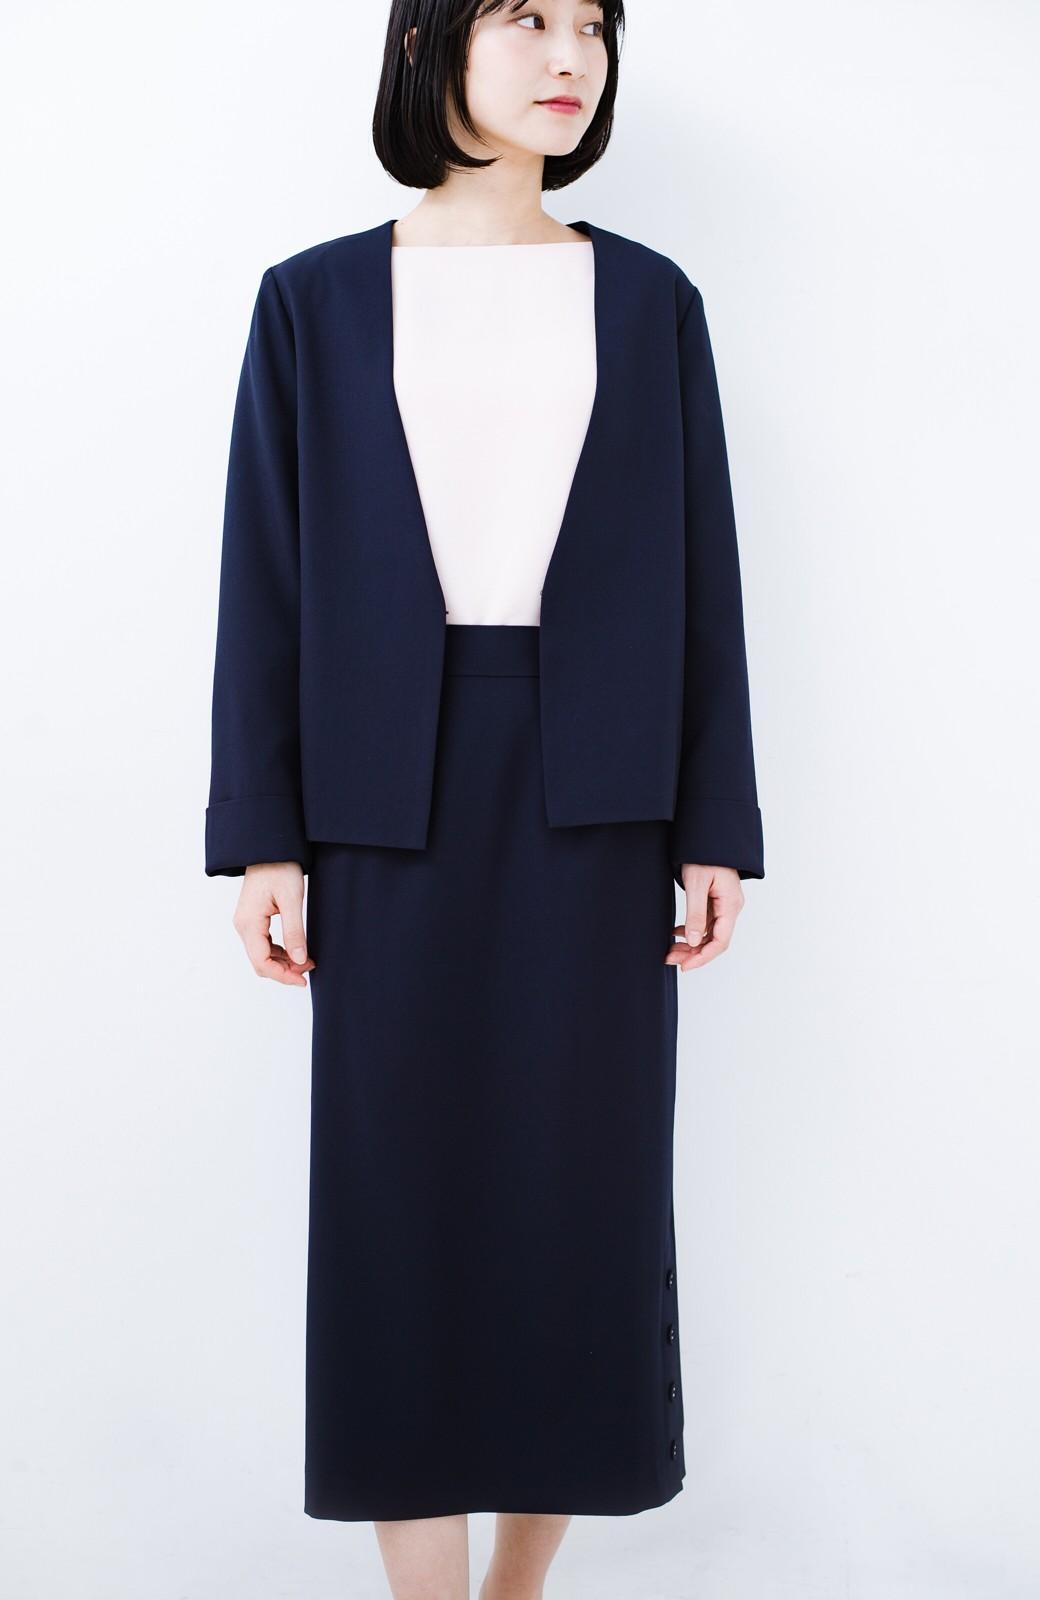 haco! 持っていると便利な 野暮ったくならないきれいめタイトスカート <ダークネイビー>の商品写真16